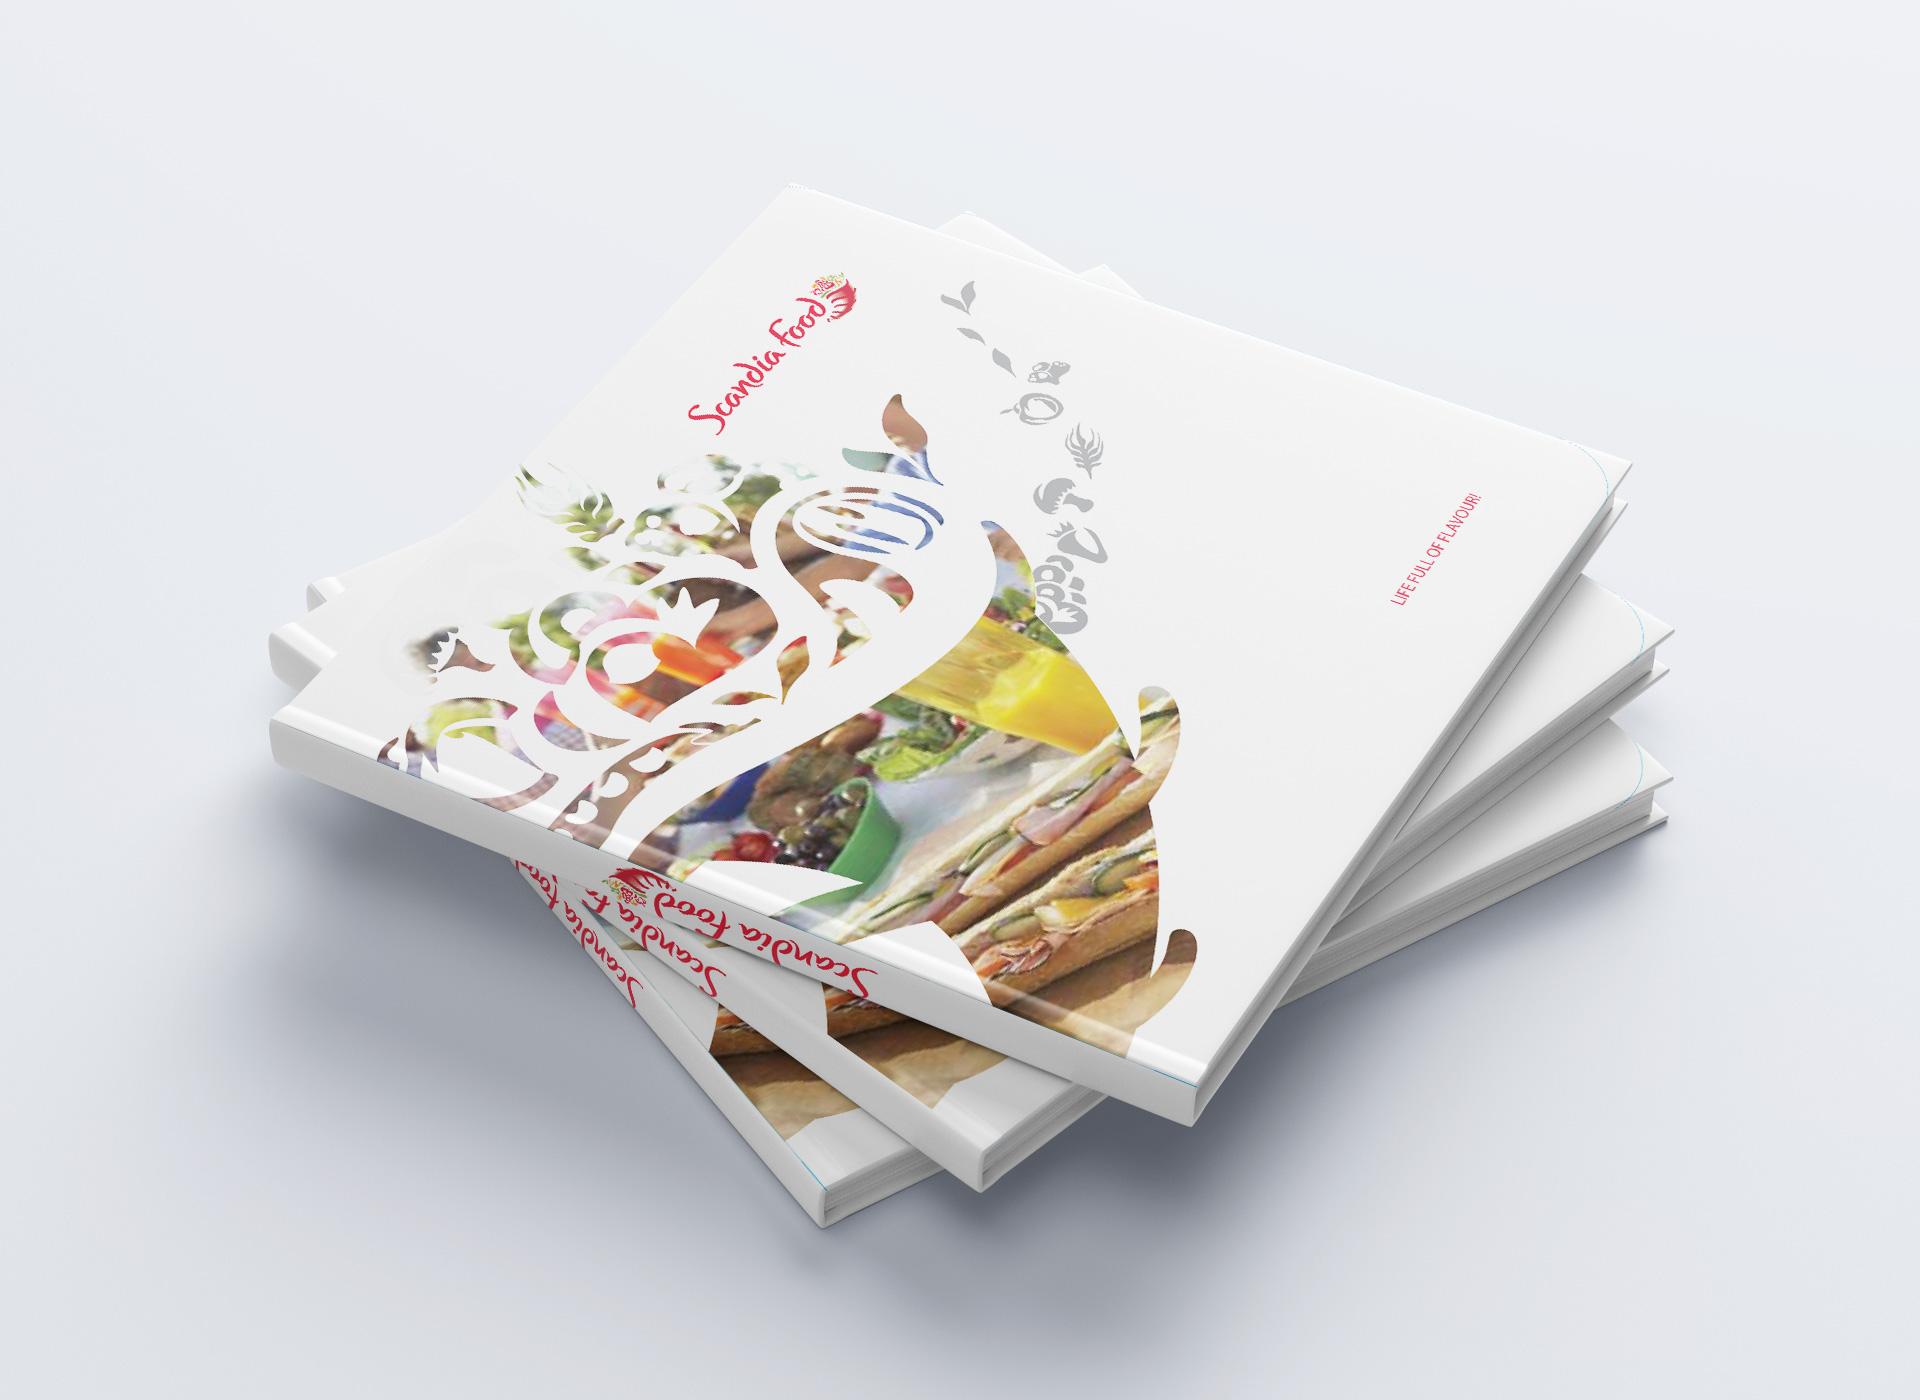 scandia food rebranding brosura